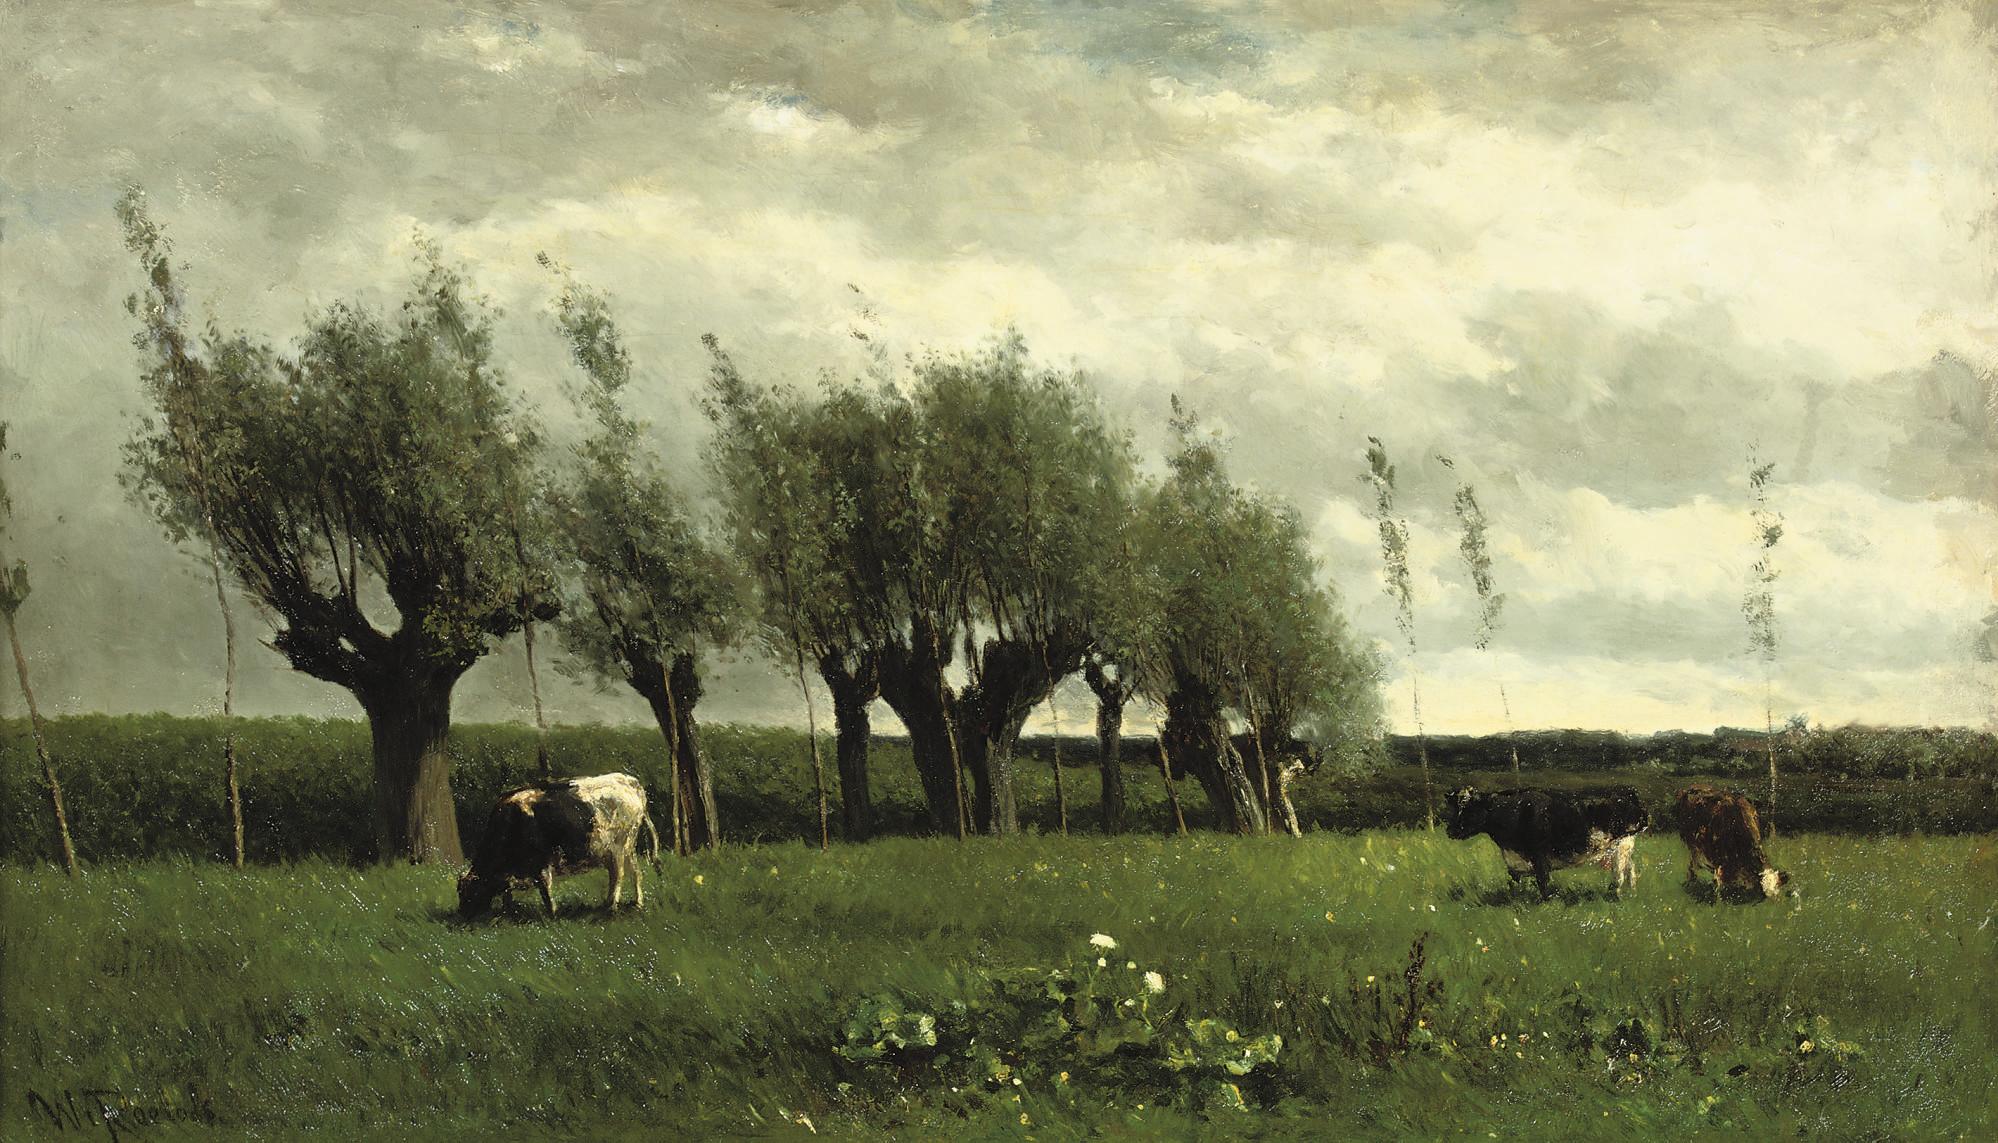 Wilgenrij: cattle grazing near willows